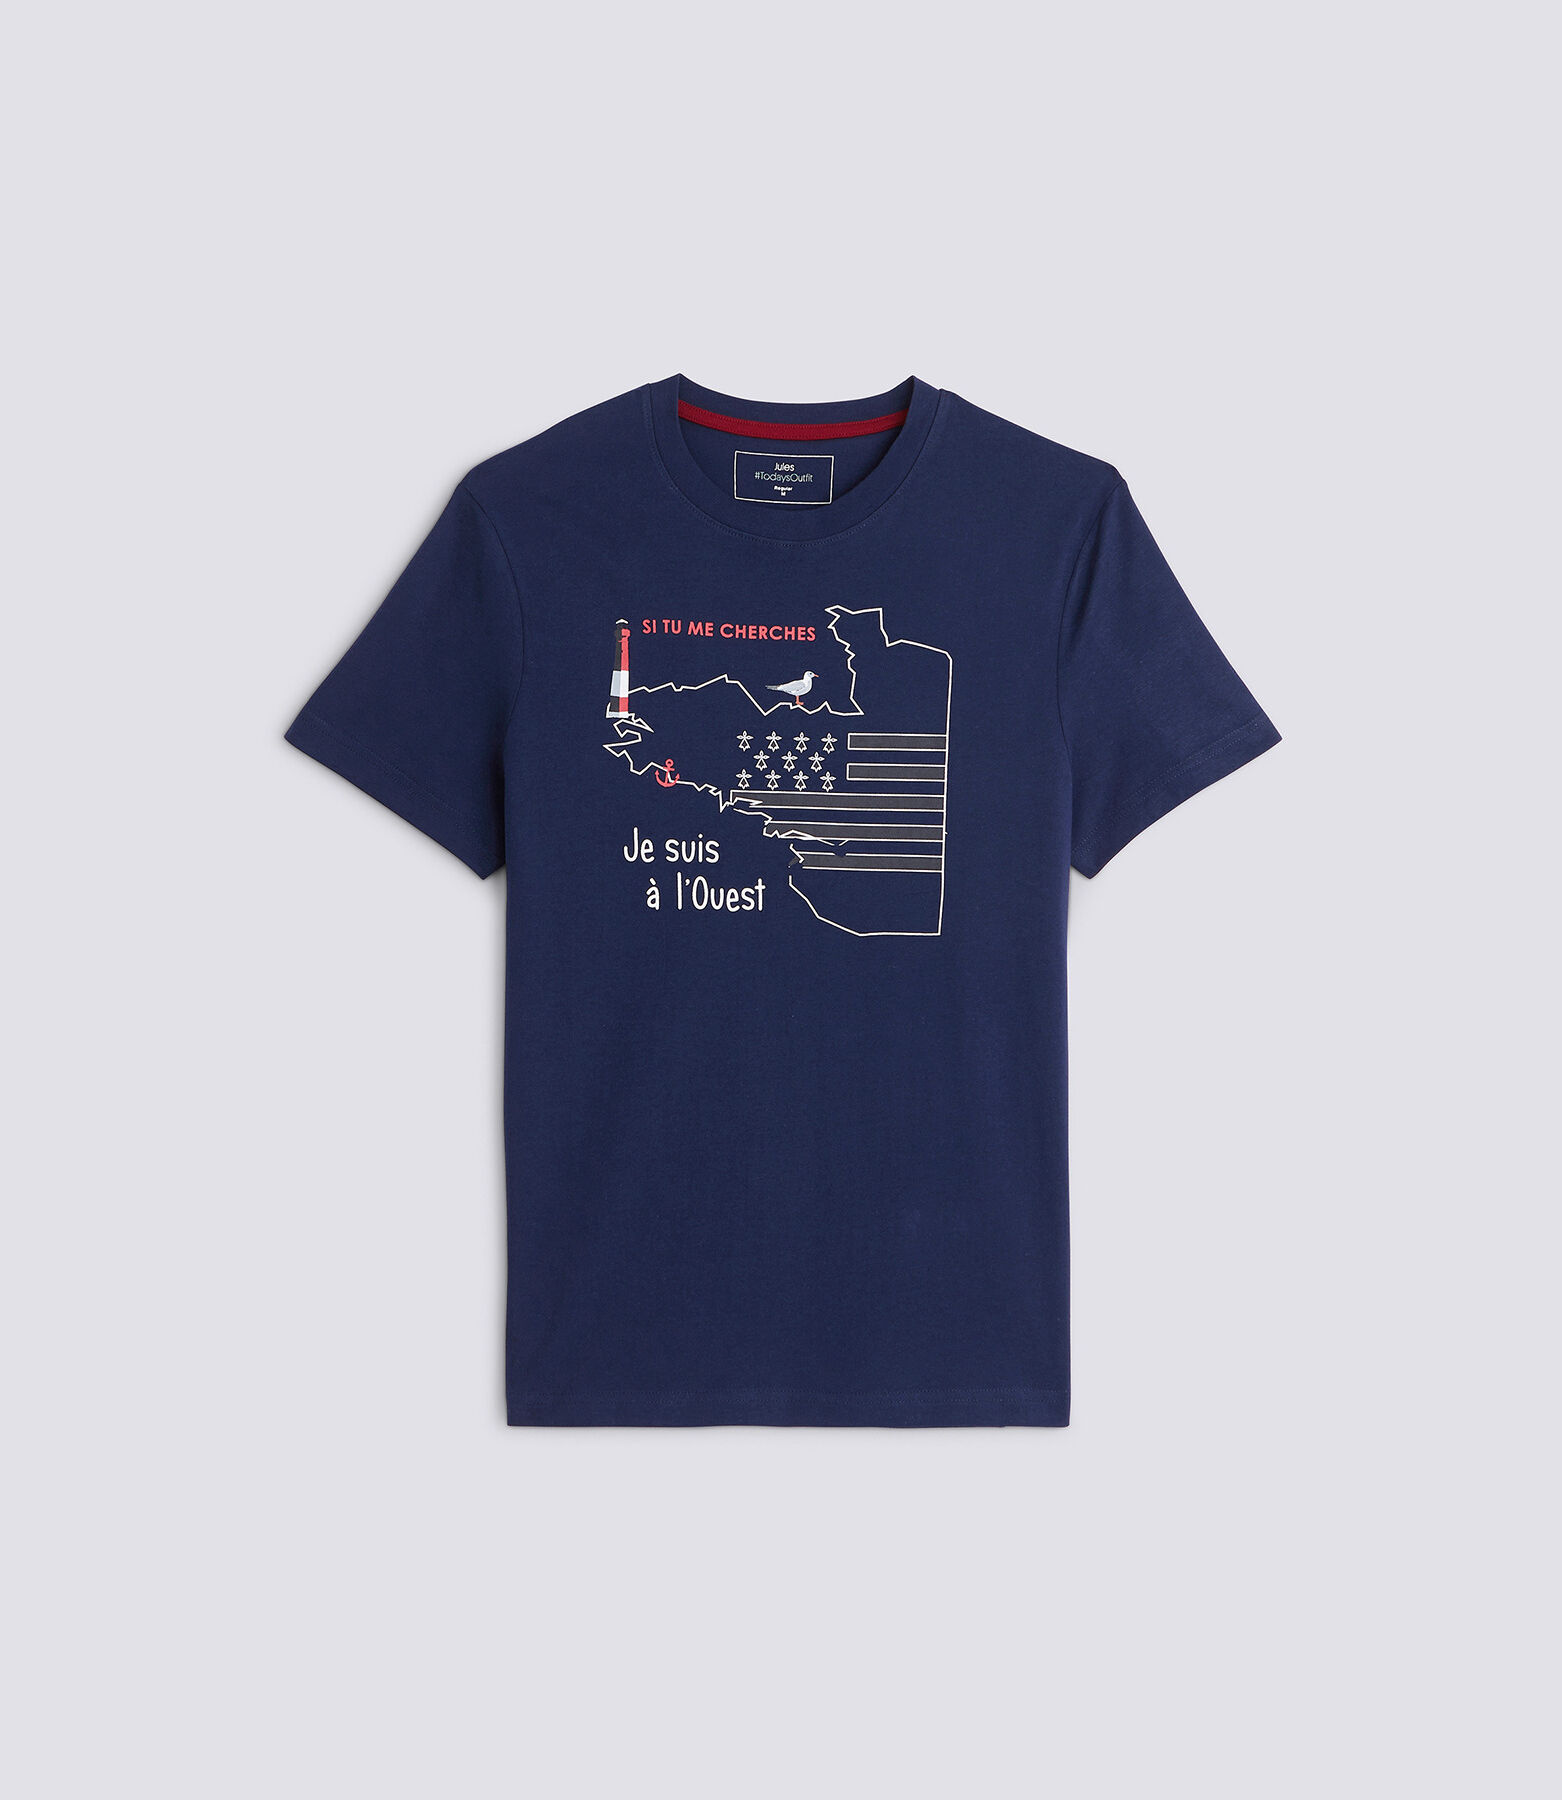 T-shirt met knipoog naar de regio Bretagne